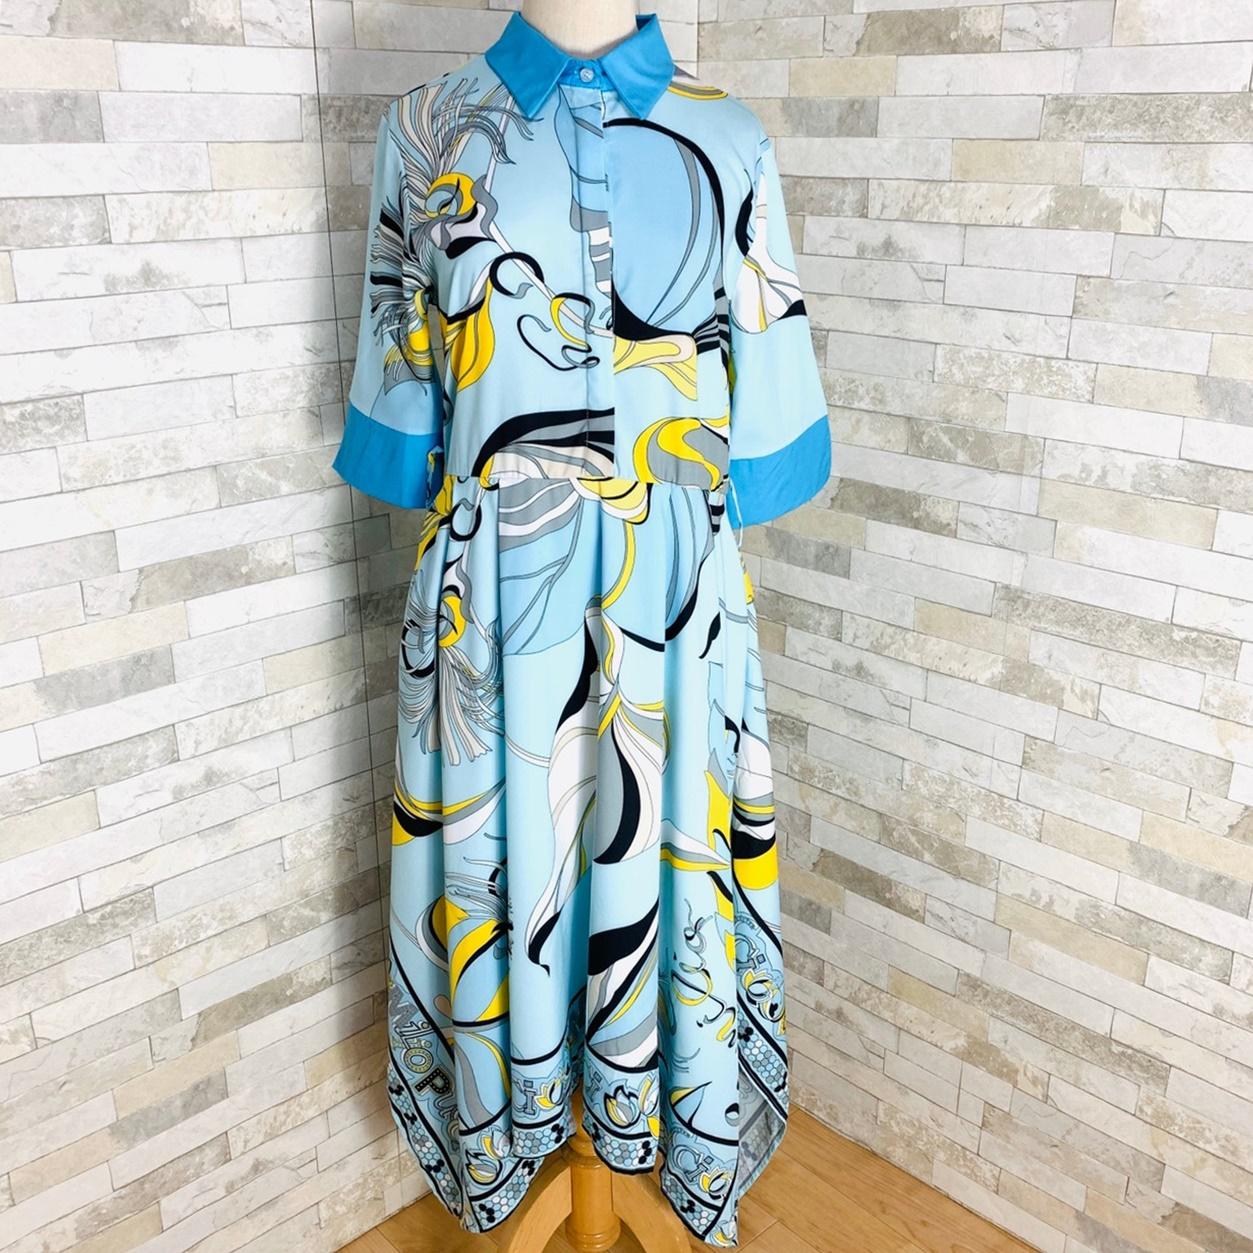 【即納】韓国 ファッション ワンピース パーティードレス ひざ丈 ミディアム 夏 春 パーティー ブライダル SPTXF023 結婚式 お呼ばれ リゾートワンピース ハワイ  二次会 セレブ きれいめの写真10枚目